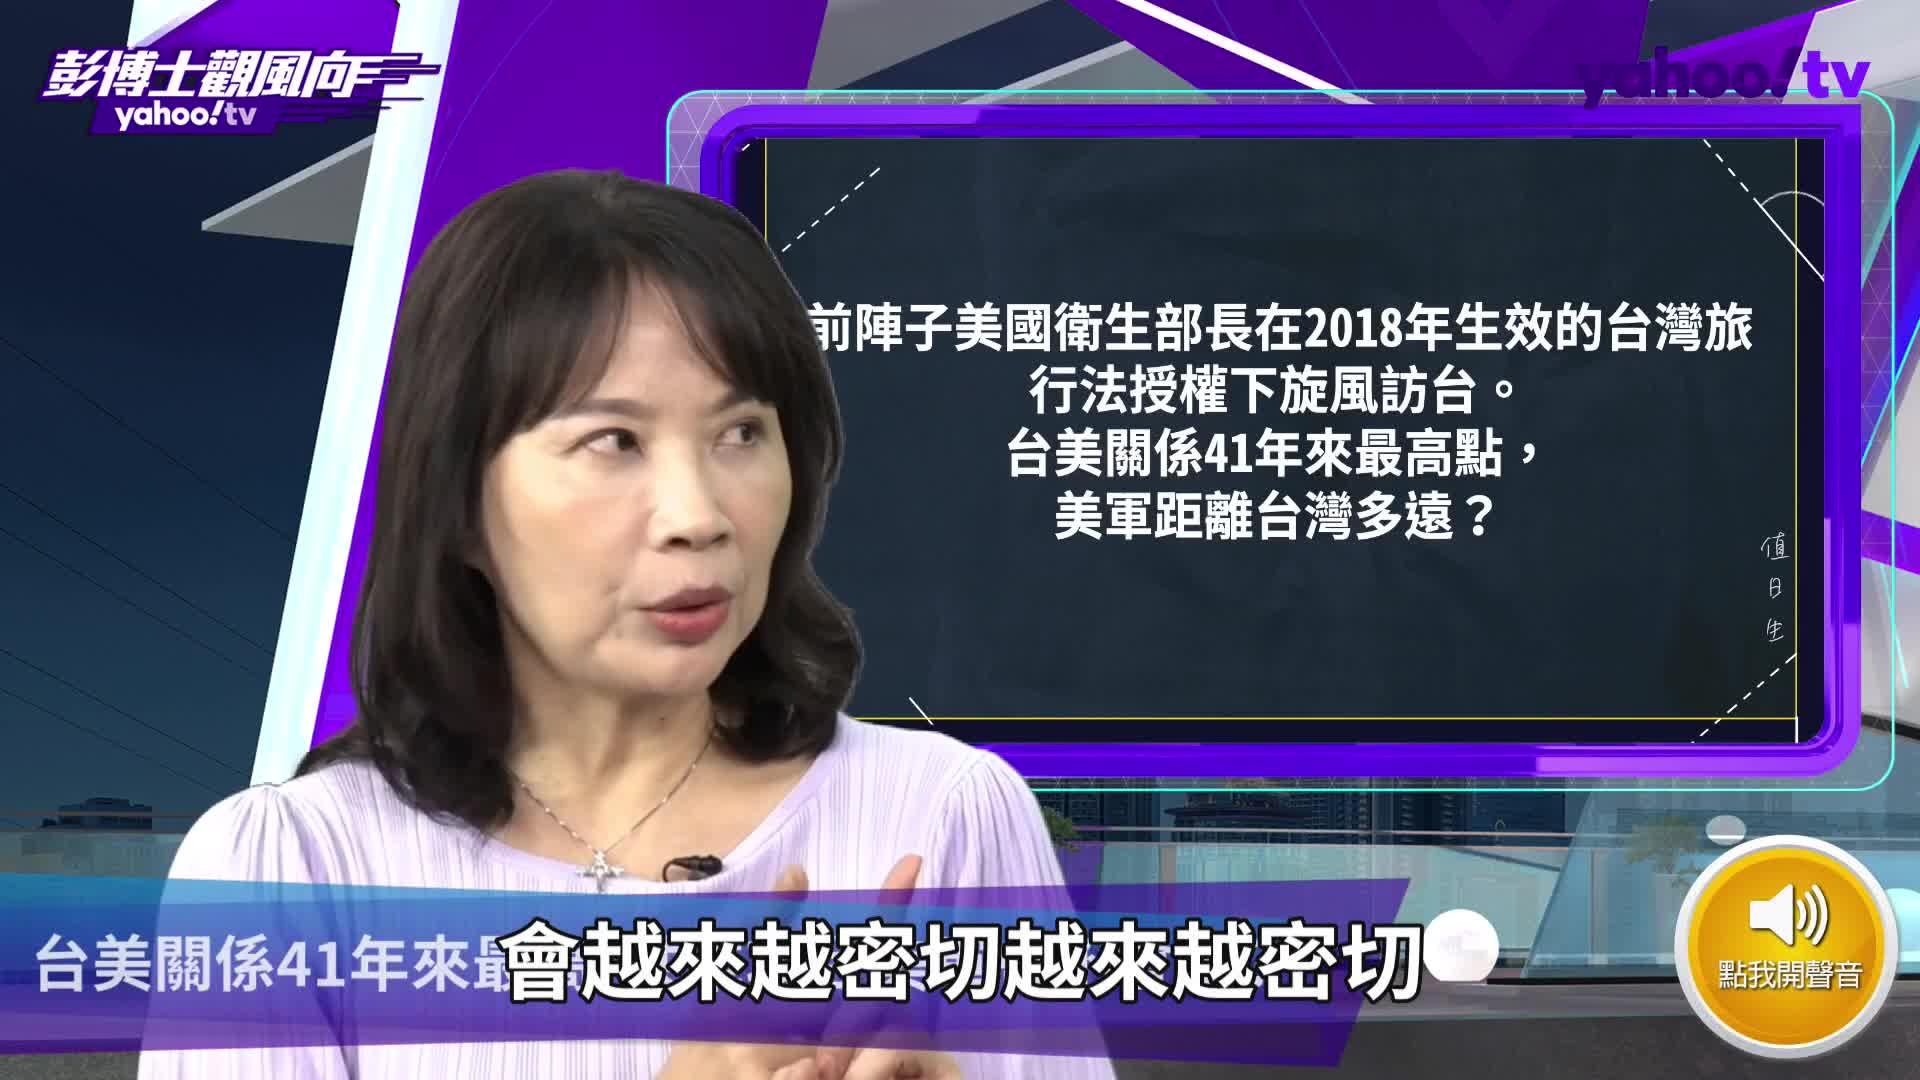 美國挺台抗中? 陳鳳馨:台灣做為籌碼很好用